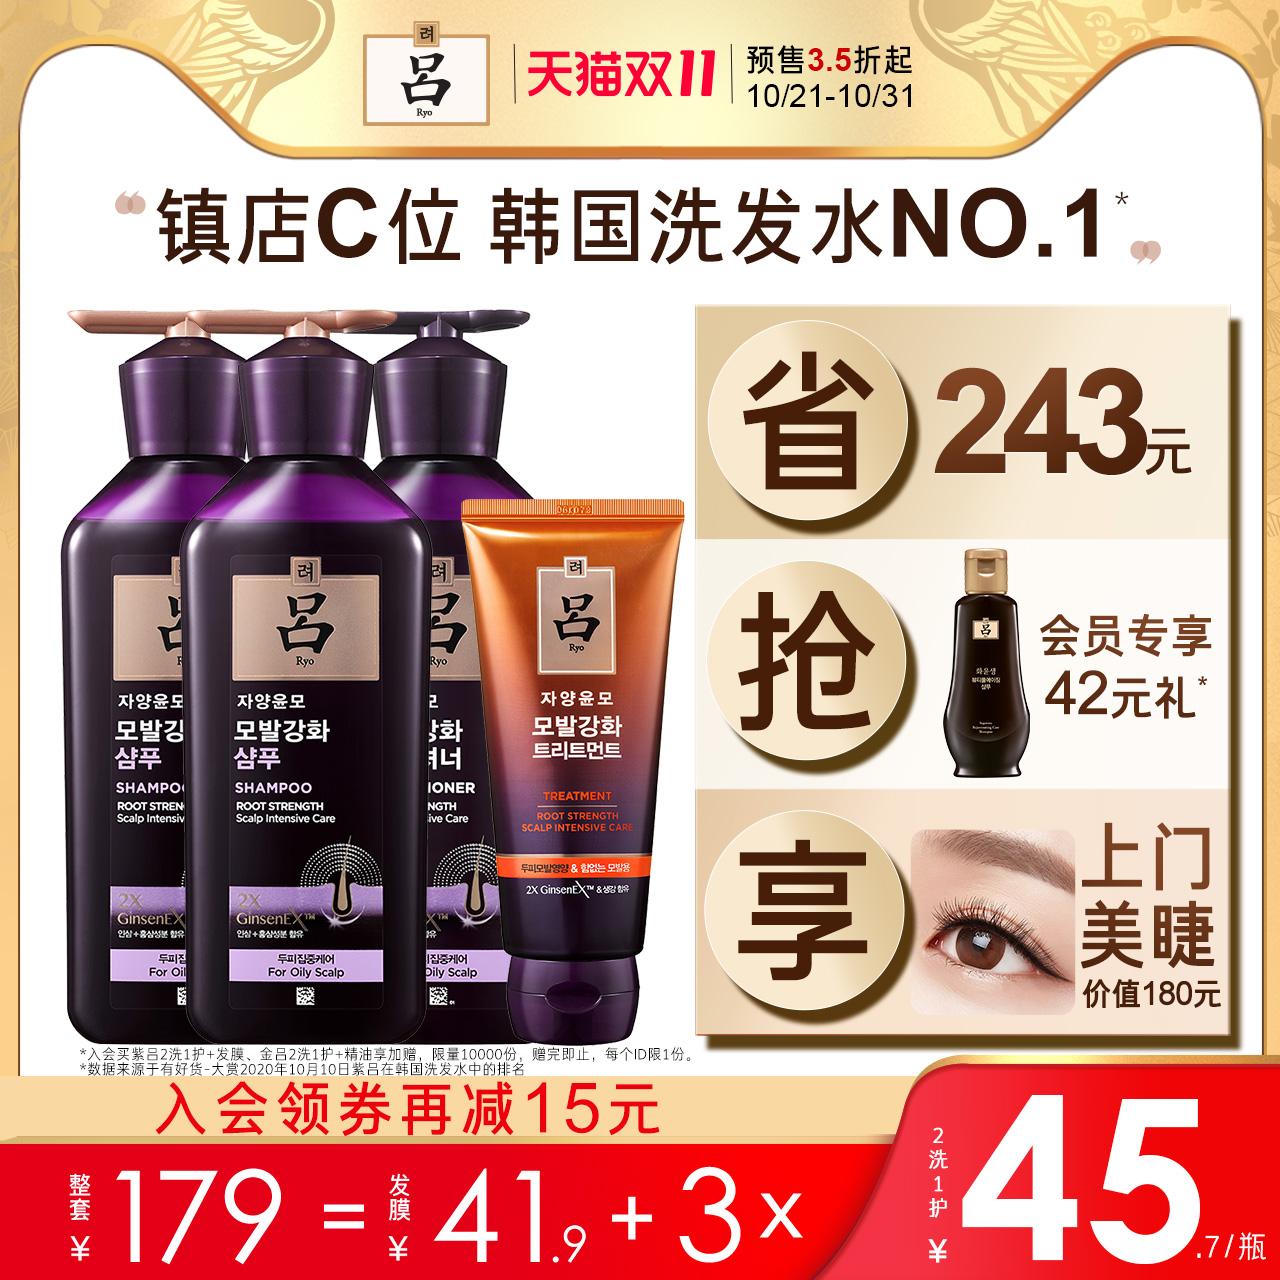 吕Ryo品牌全线焕新上市,双11抢购享豪礼